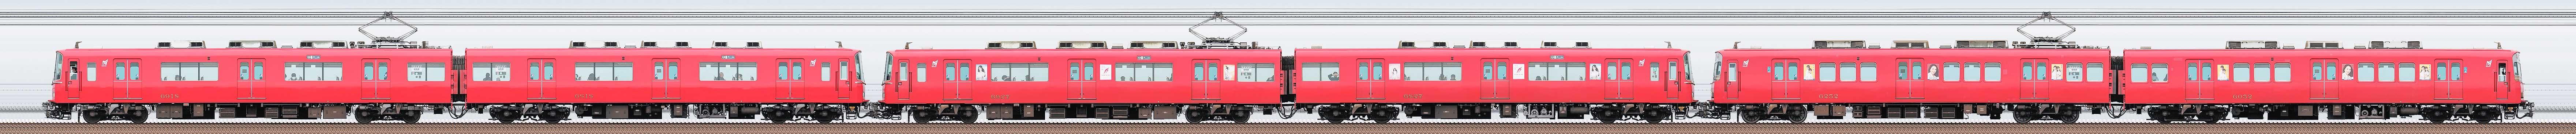 名鉄6800系6818編成+6800系6827編成+6000系6052編成(海側)の編成サイドビュー